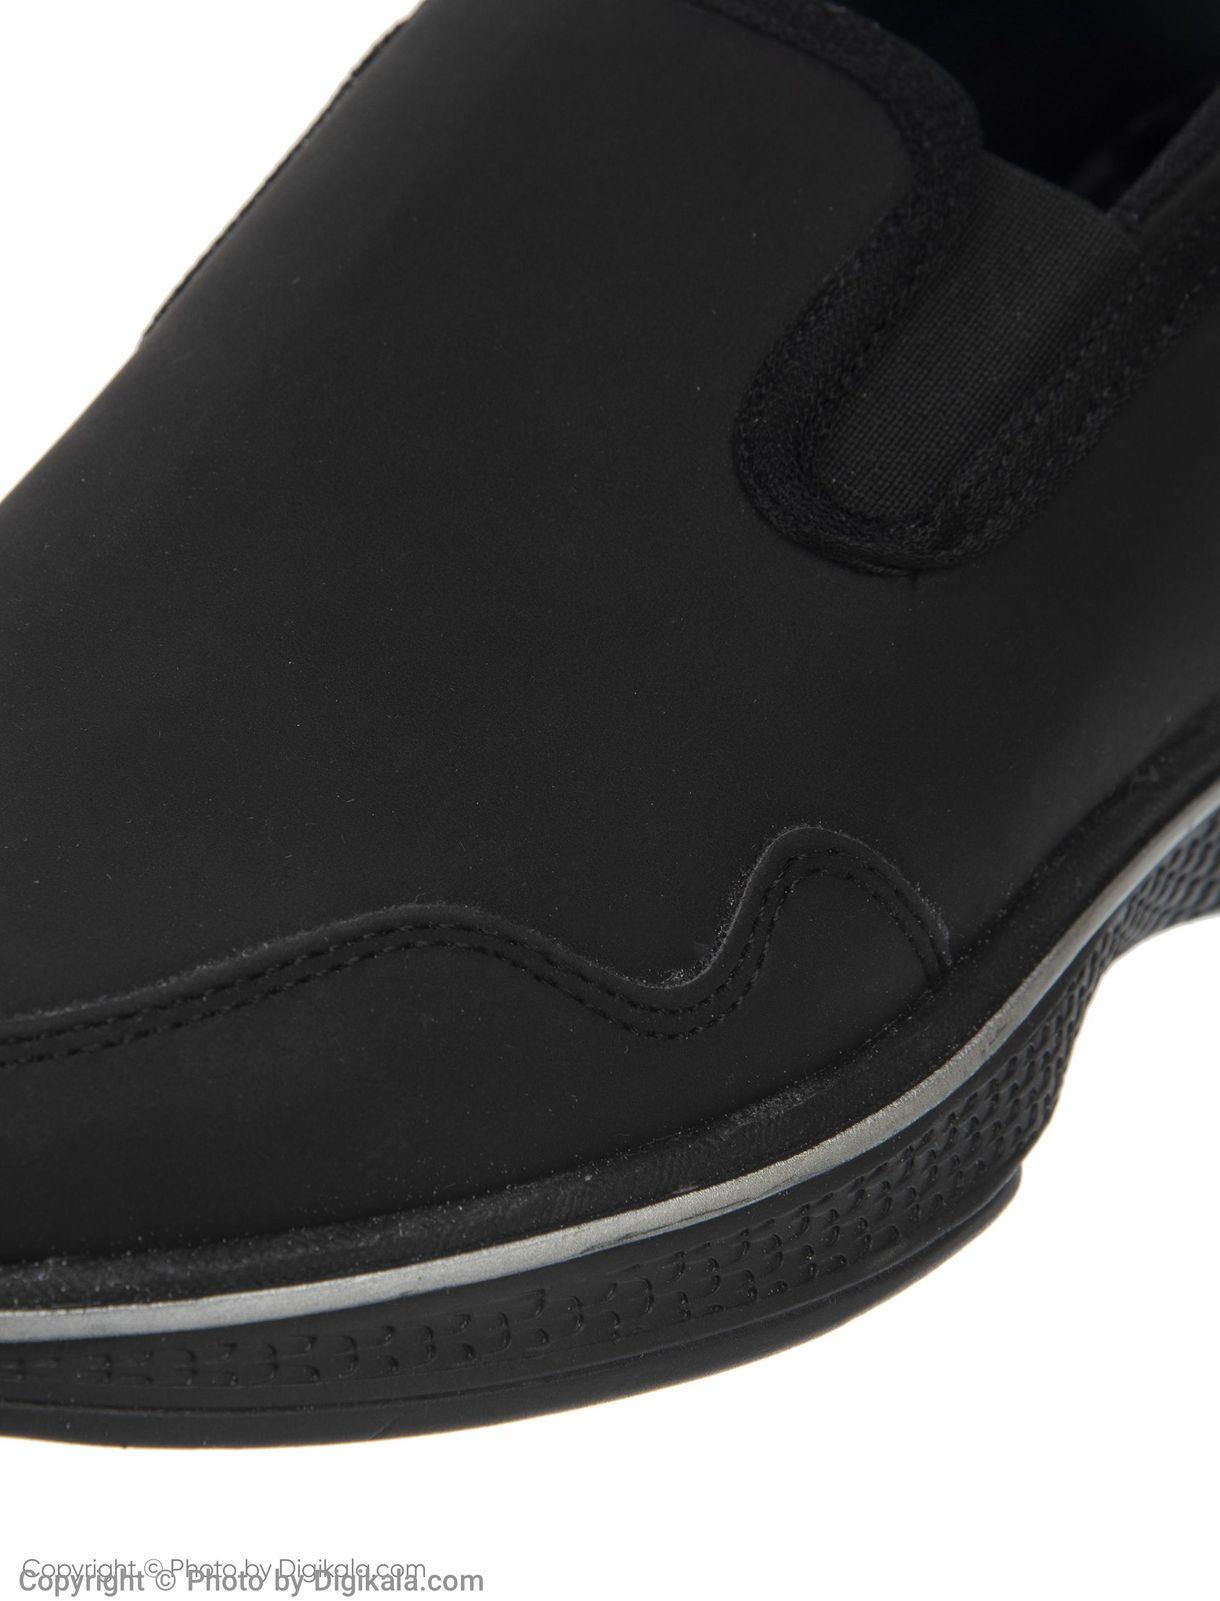 کفش زنانه مل اند موژ مدل W4301-1 main 1 6